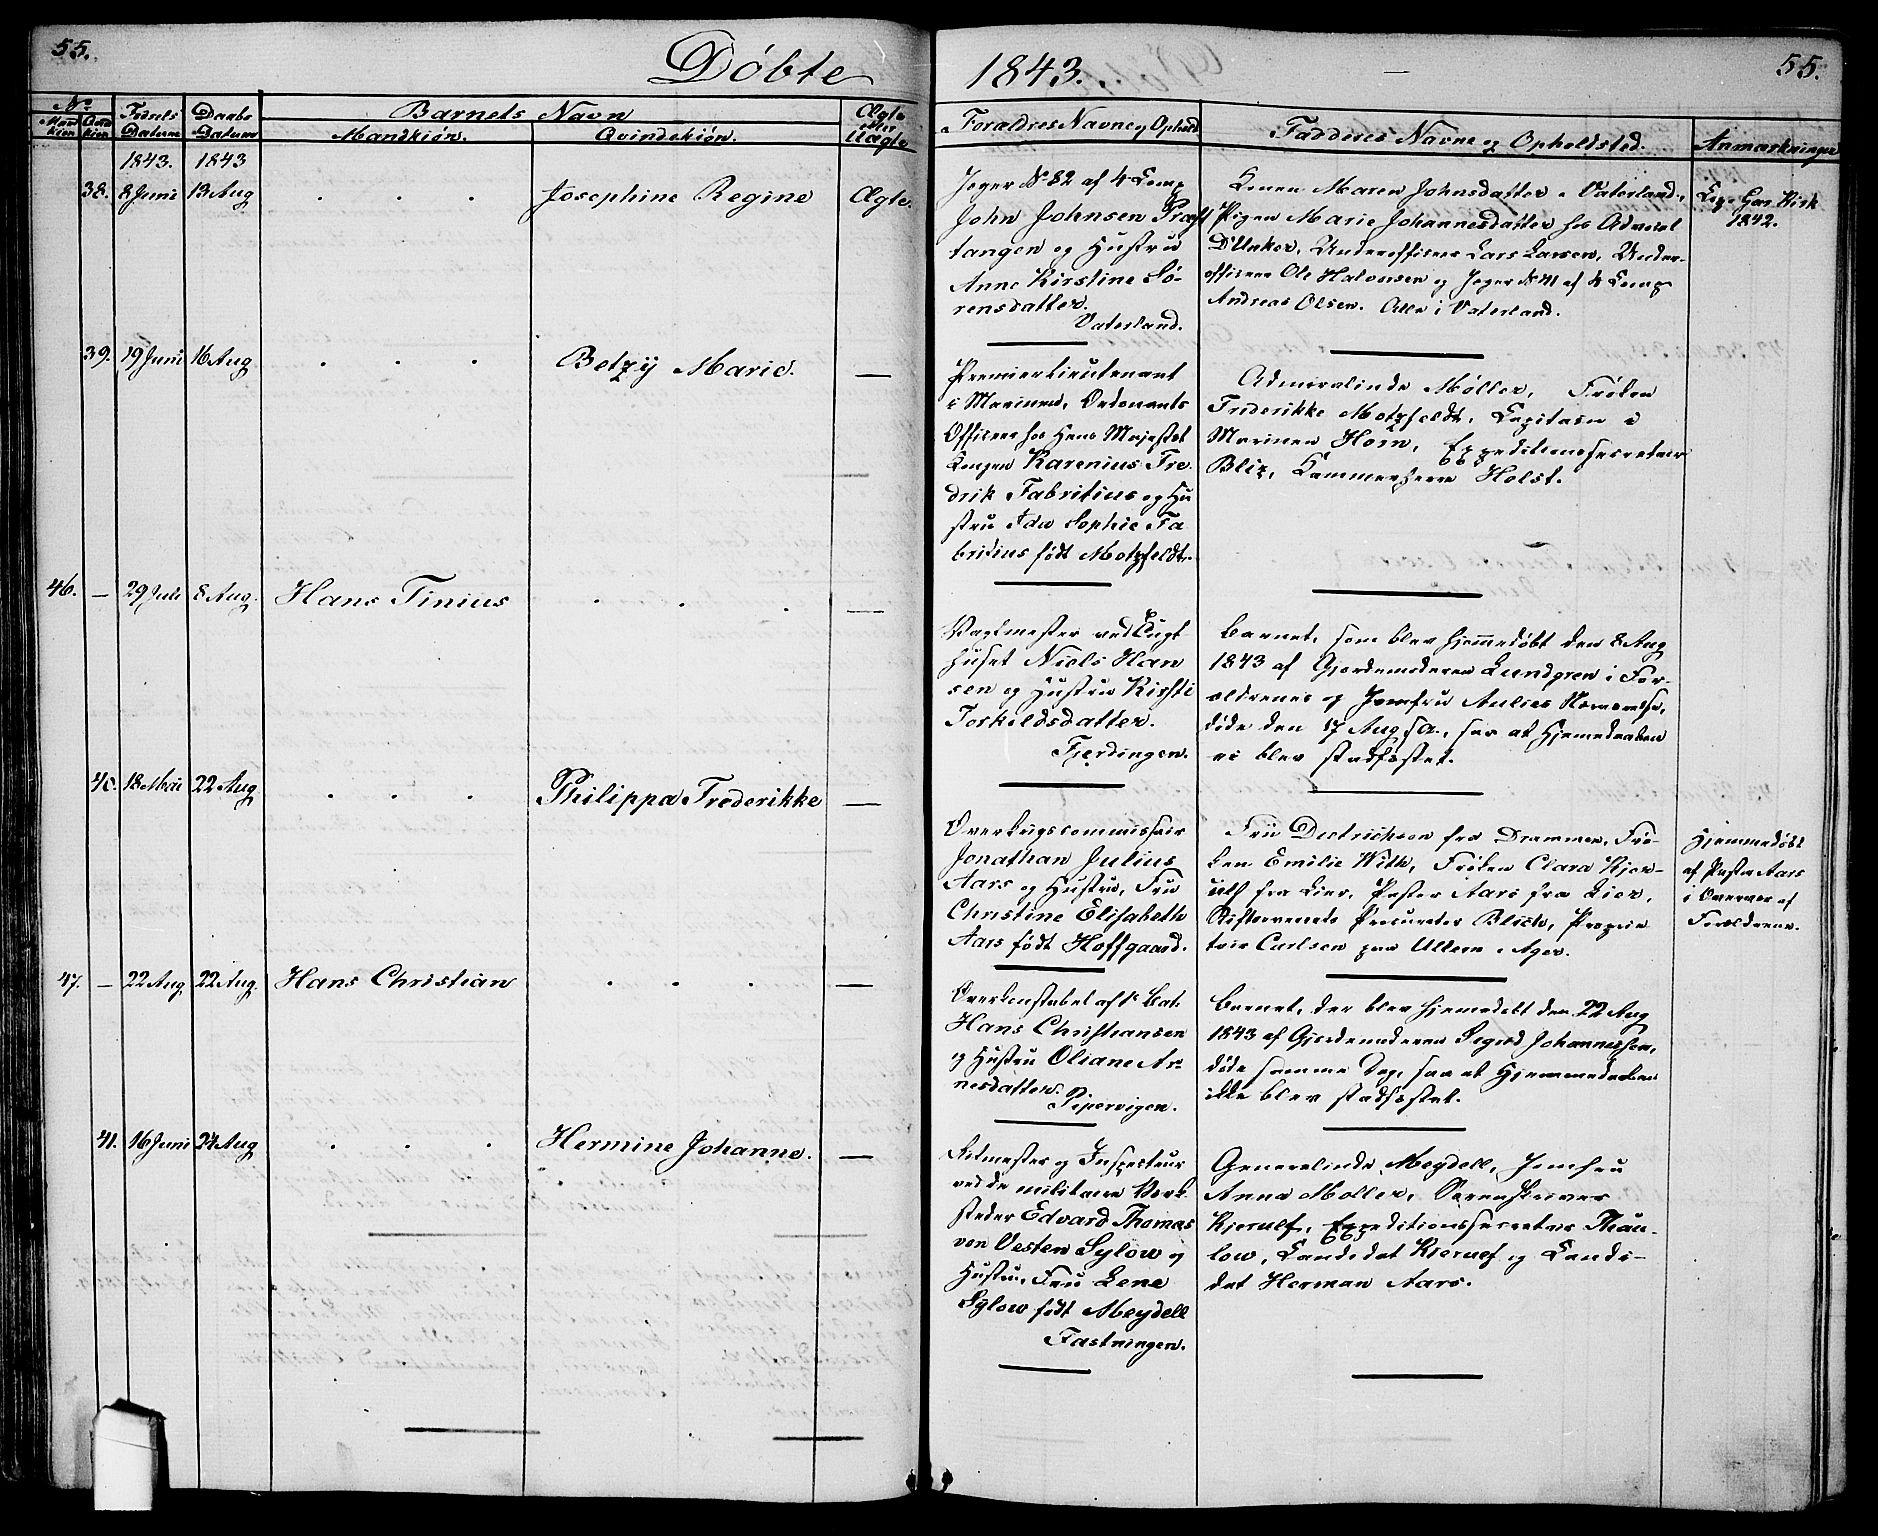 SAO, Garnisonsmenigheten Kirkebøker, G/Ga/L0005: Klokkerbok nr. 5, 1841-1860, s. 55